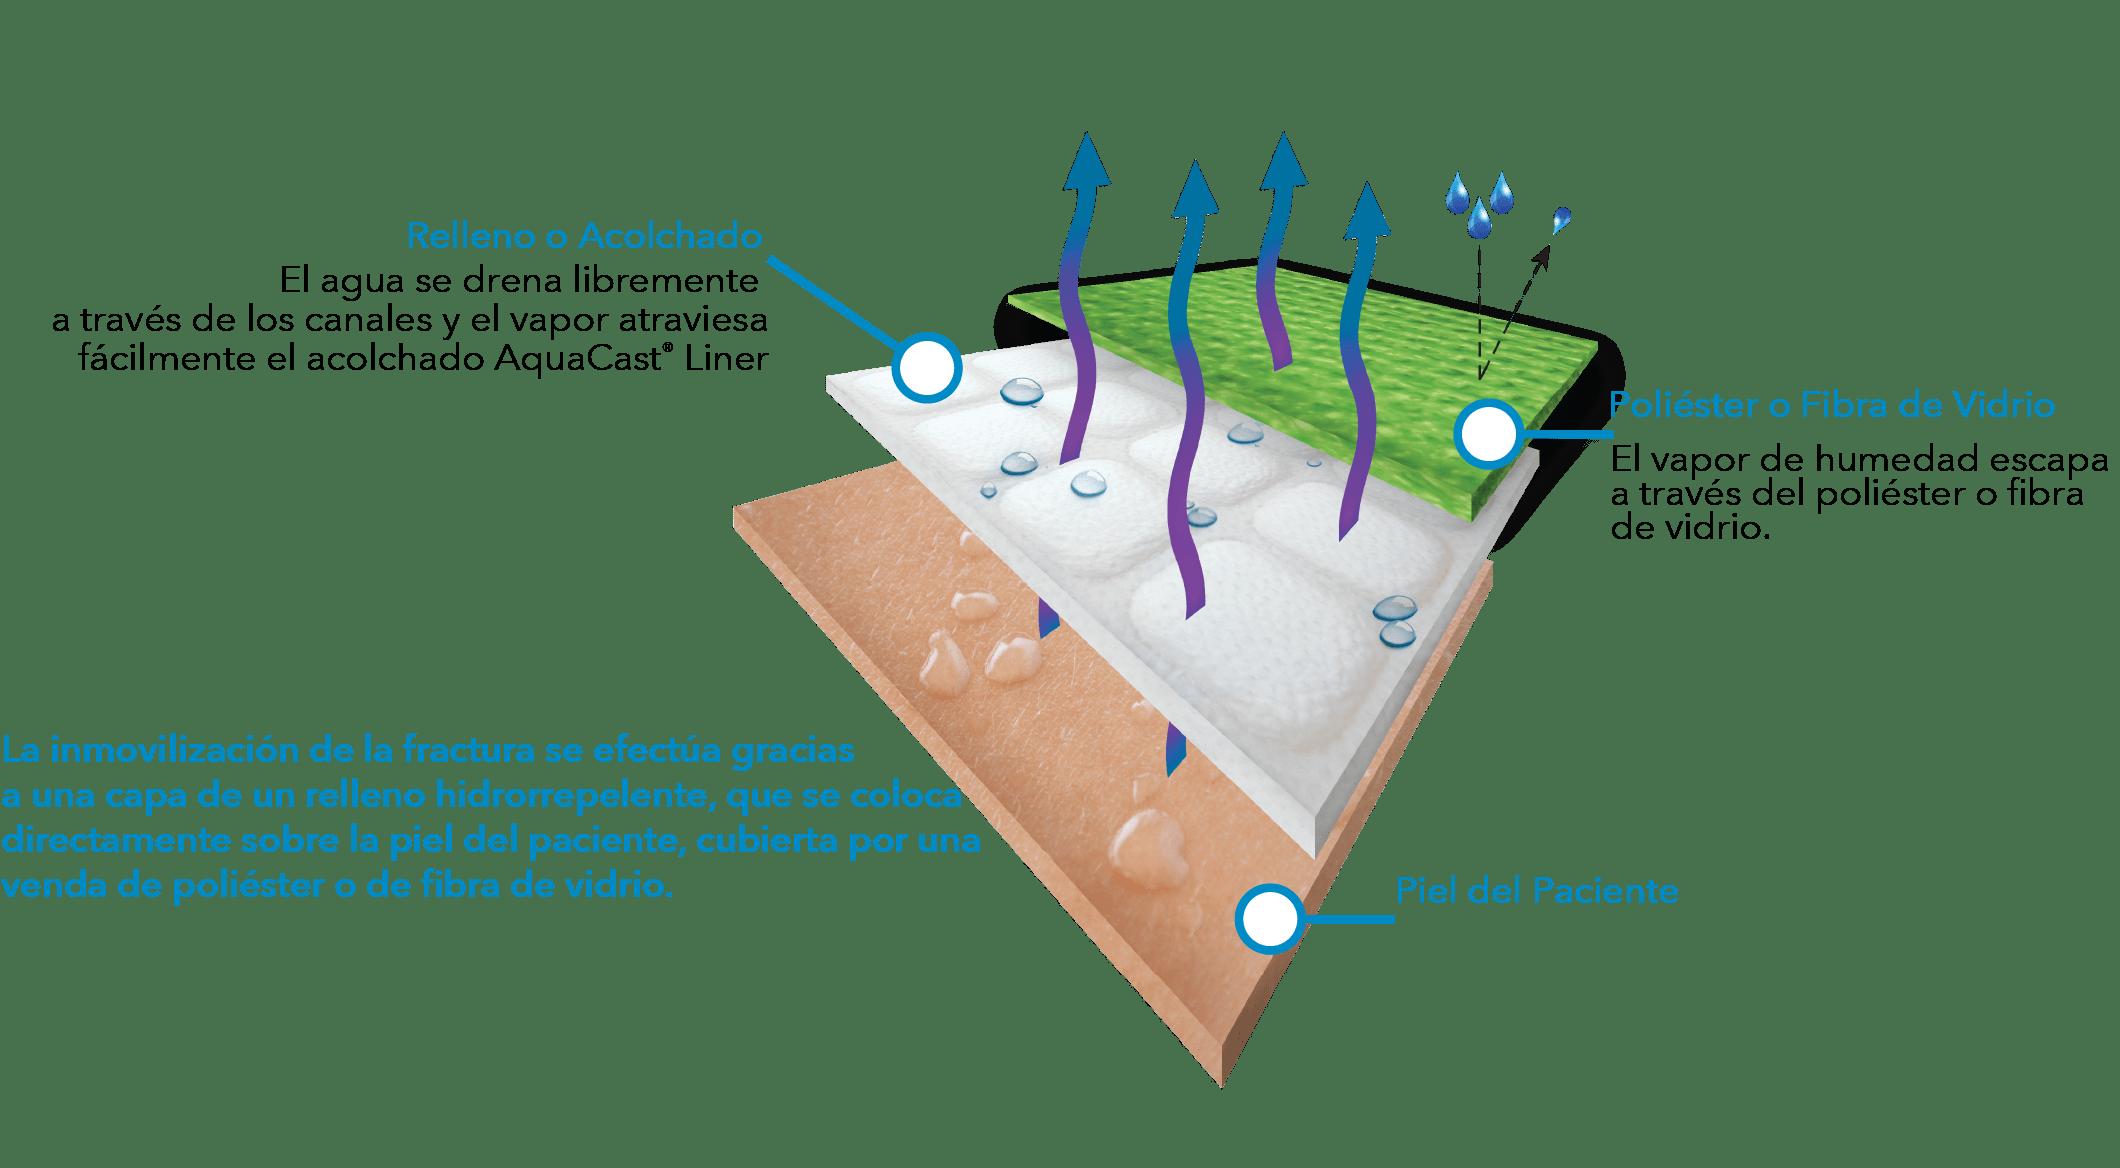 Aquacast esquema